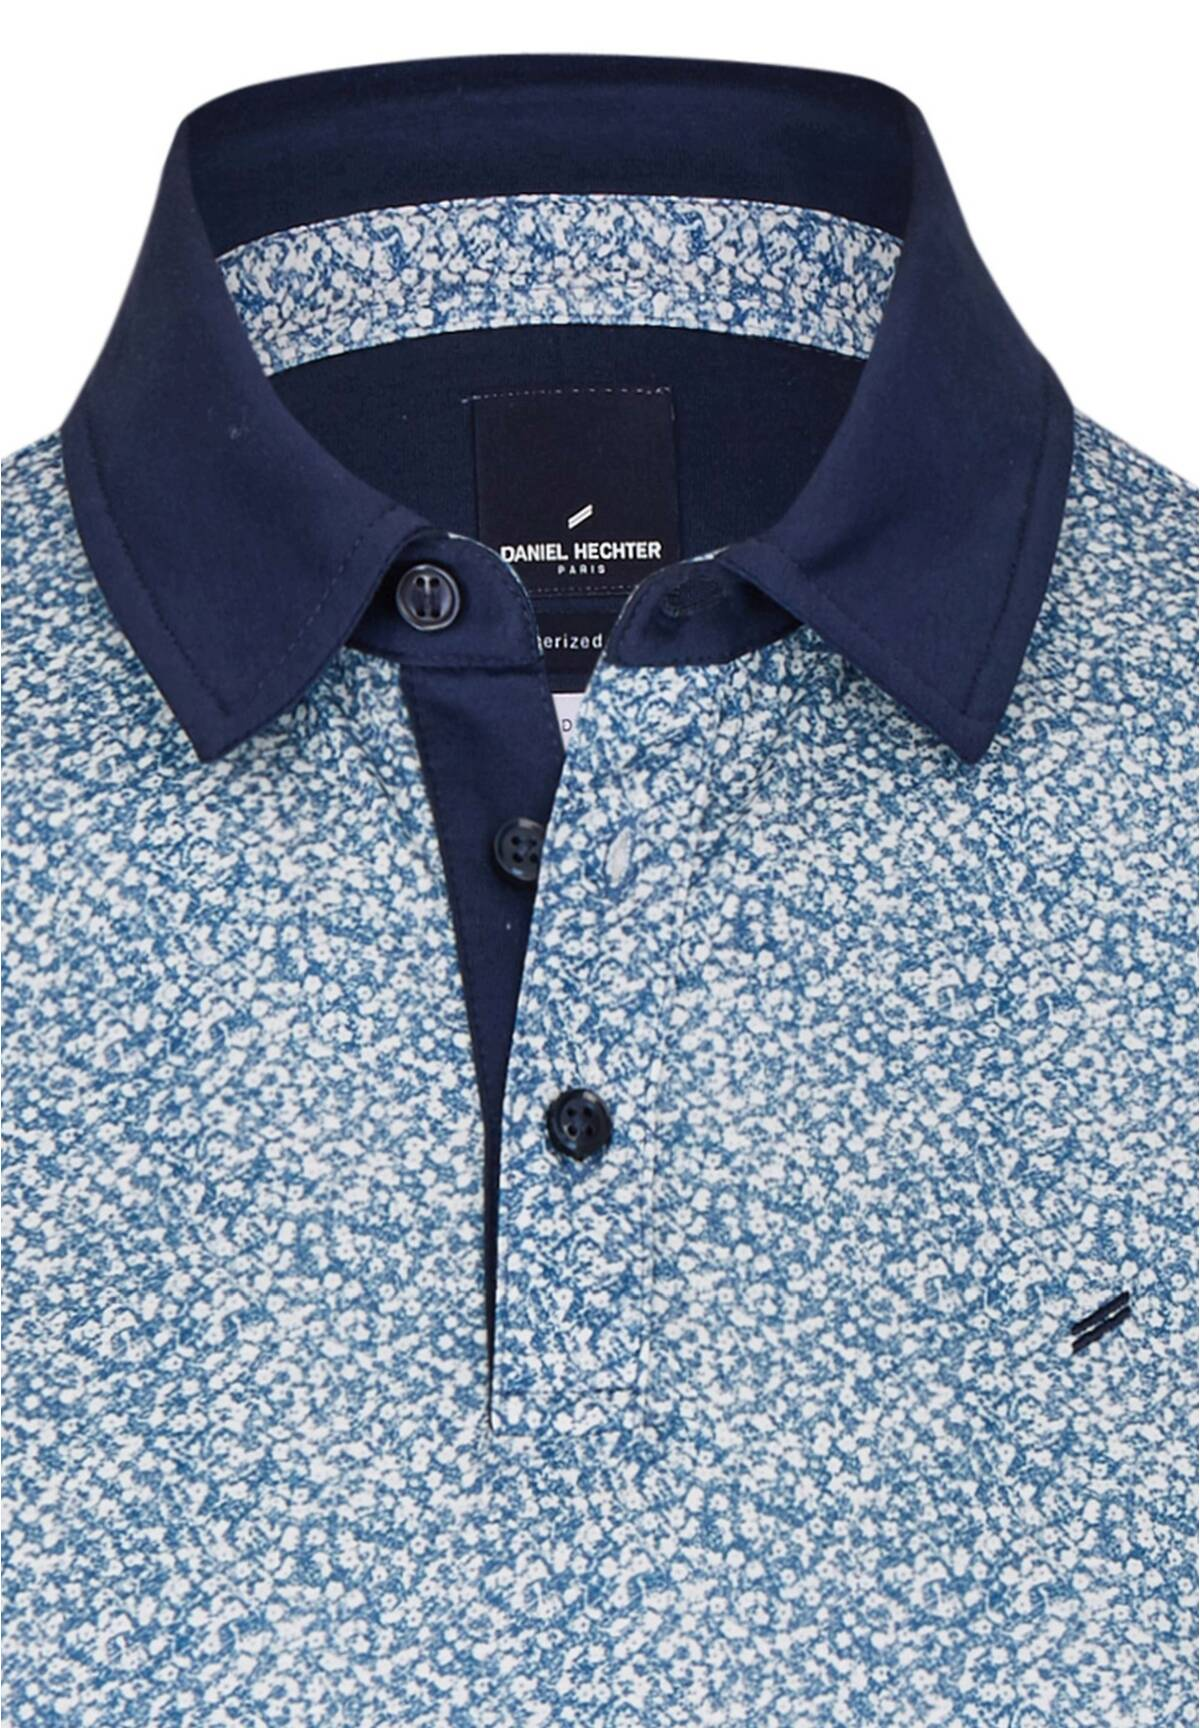 Merzerisiertes Polo Shirt / POLO